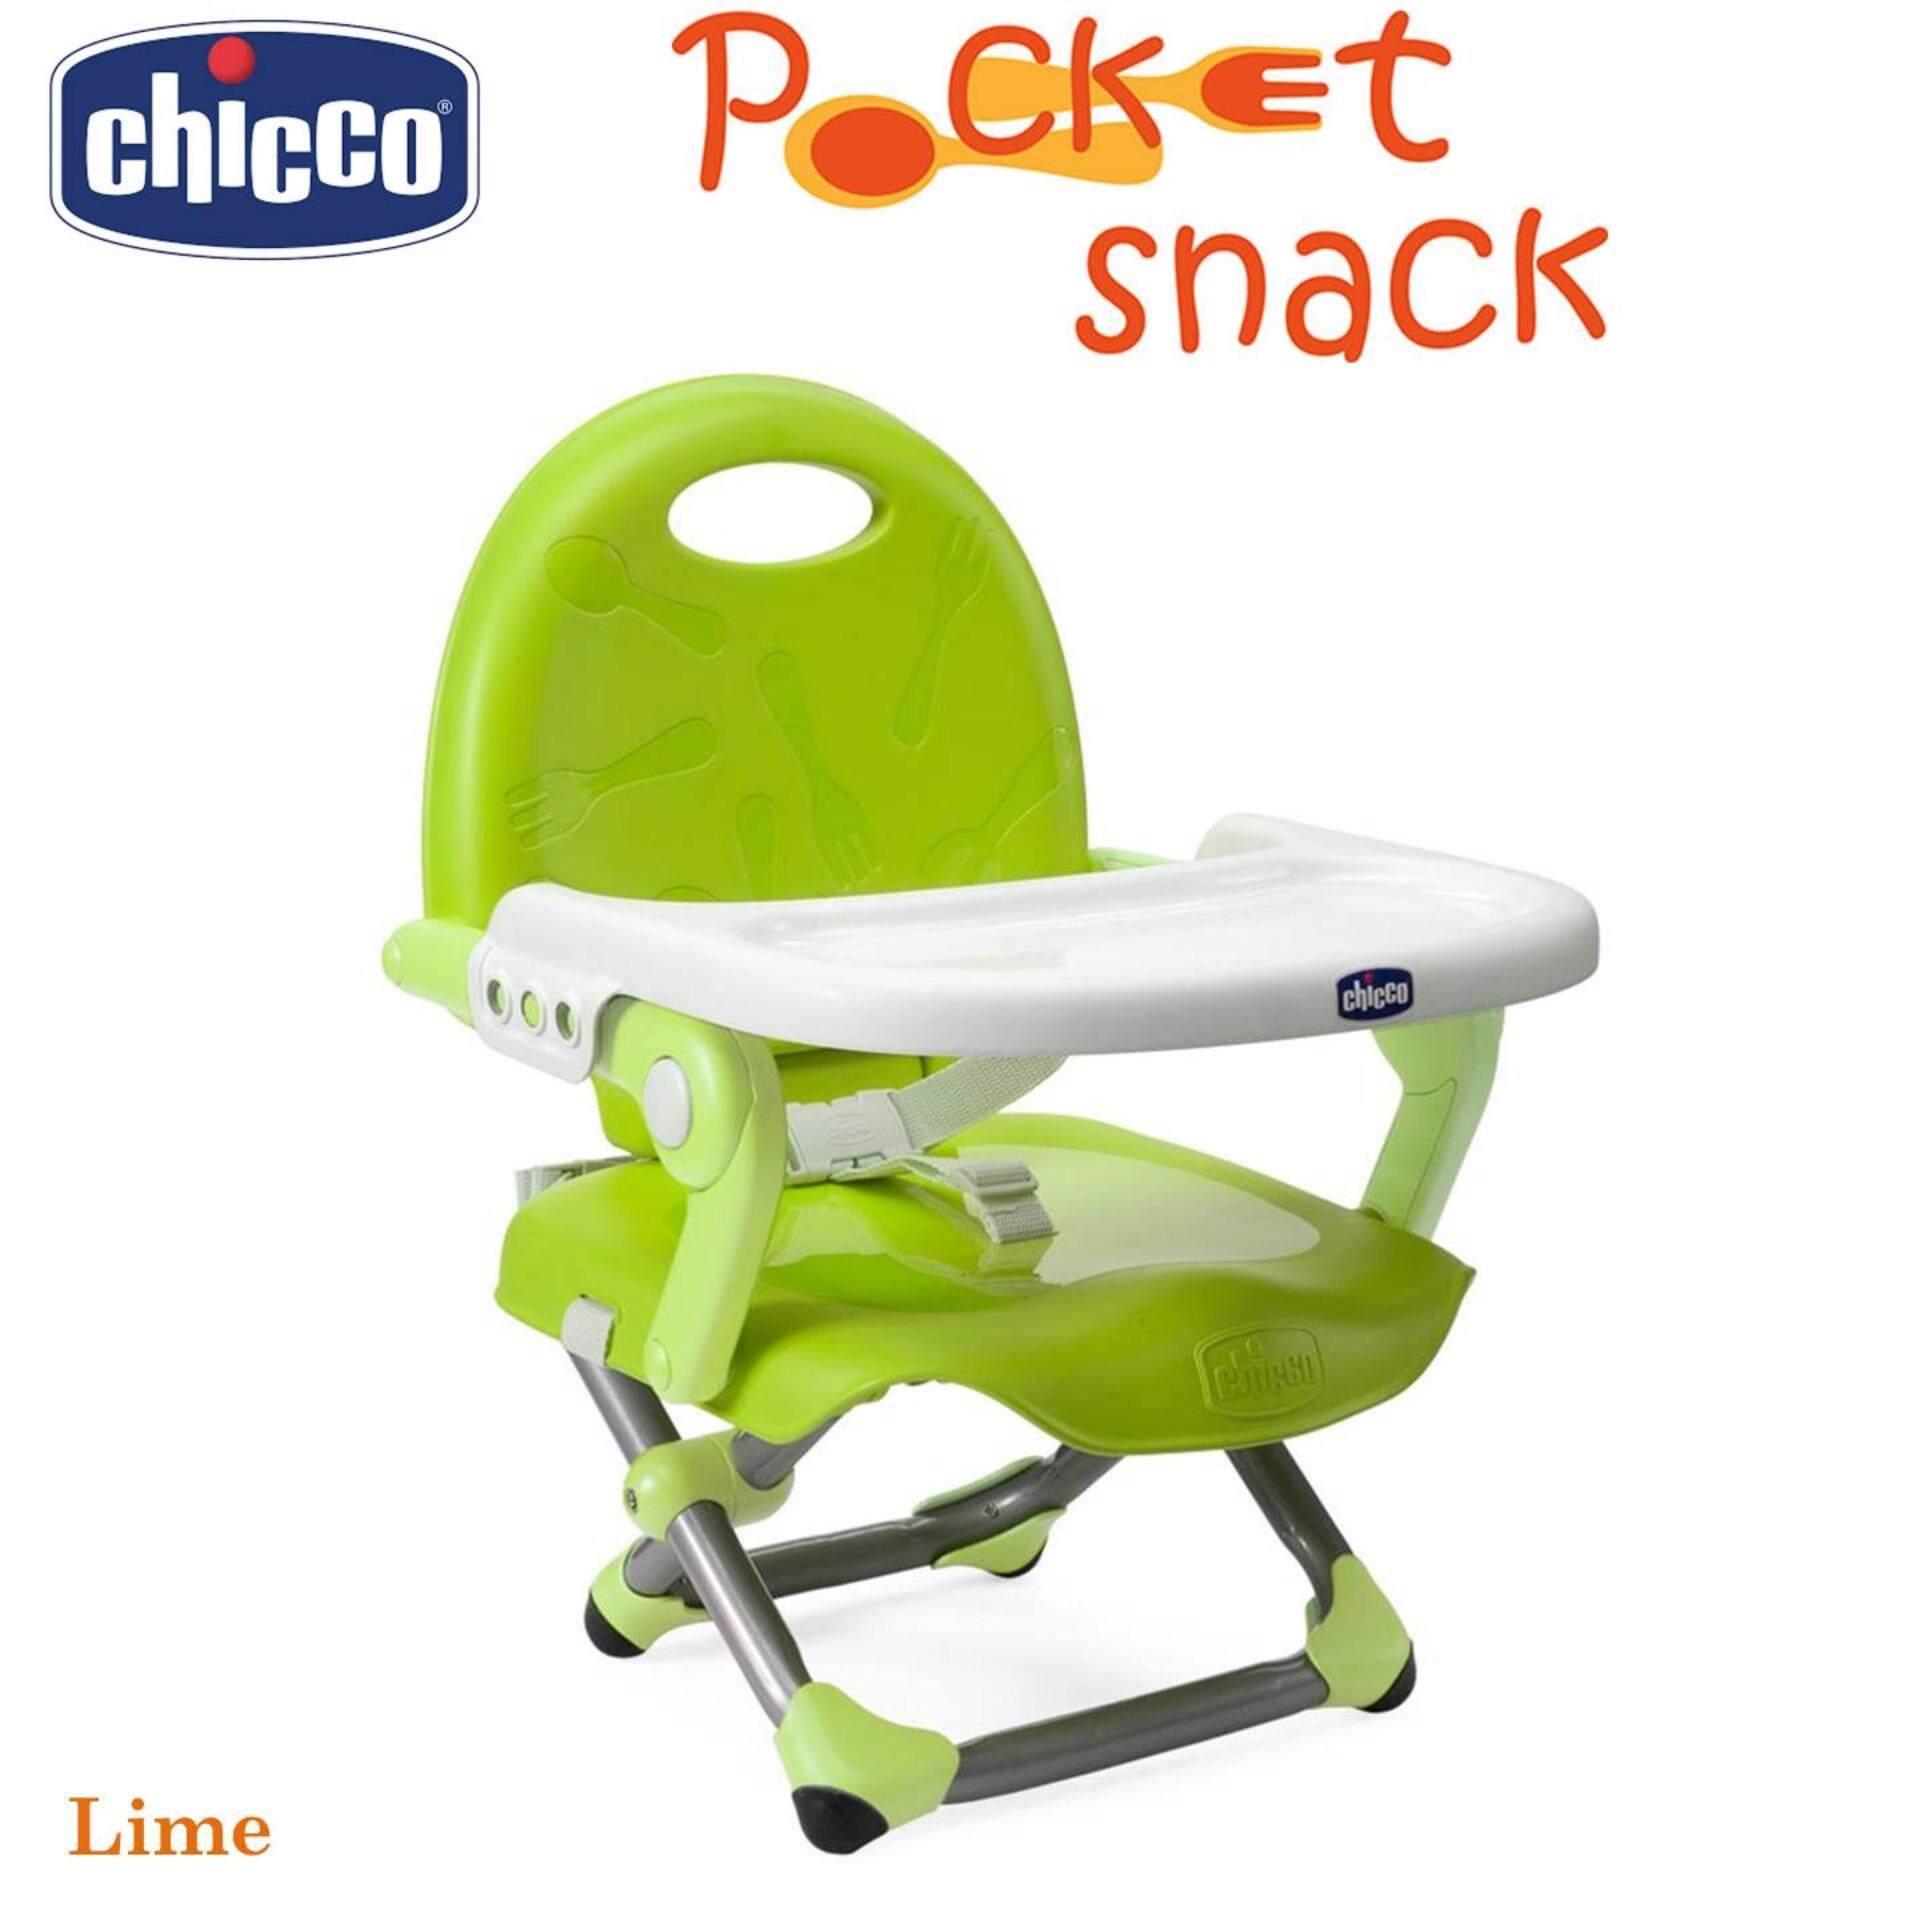 แนะนำ Chicco เก้าอี้ทานข้าวสำหรับเด็ก Pocket Snack Booster Seat -Lime